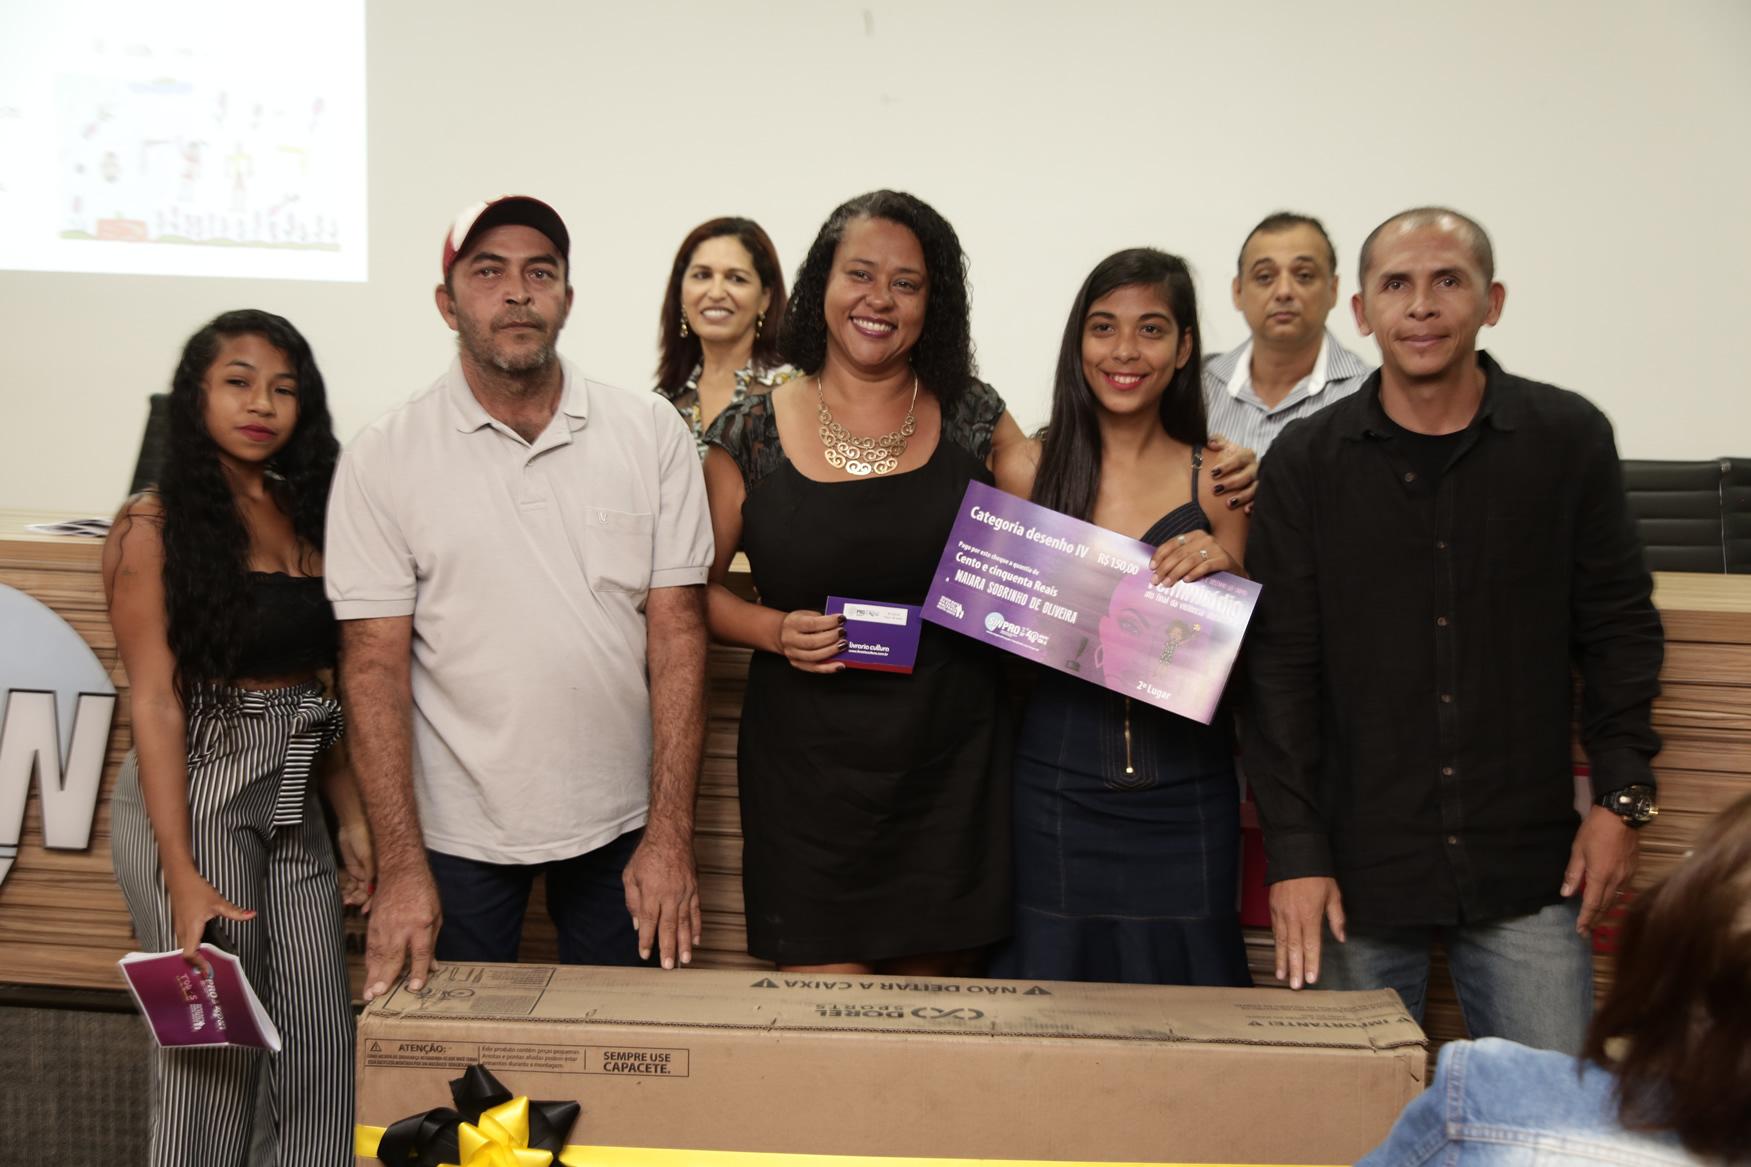 2019.05.19-Premiacao-do-X-Concurso-de-Redacao-do-Sinpro-DF_fotos-ECOM-81